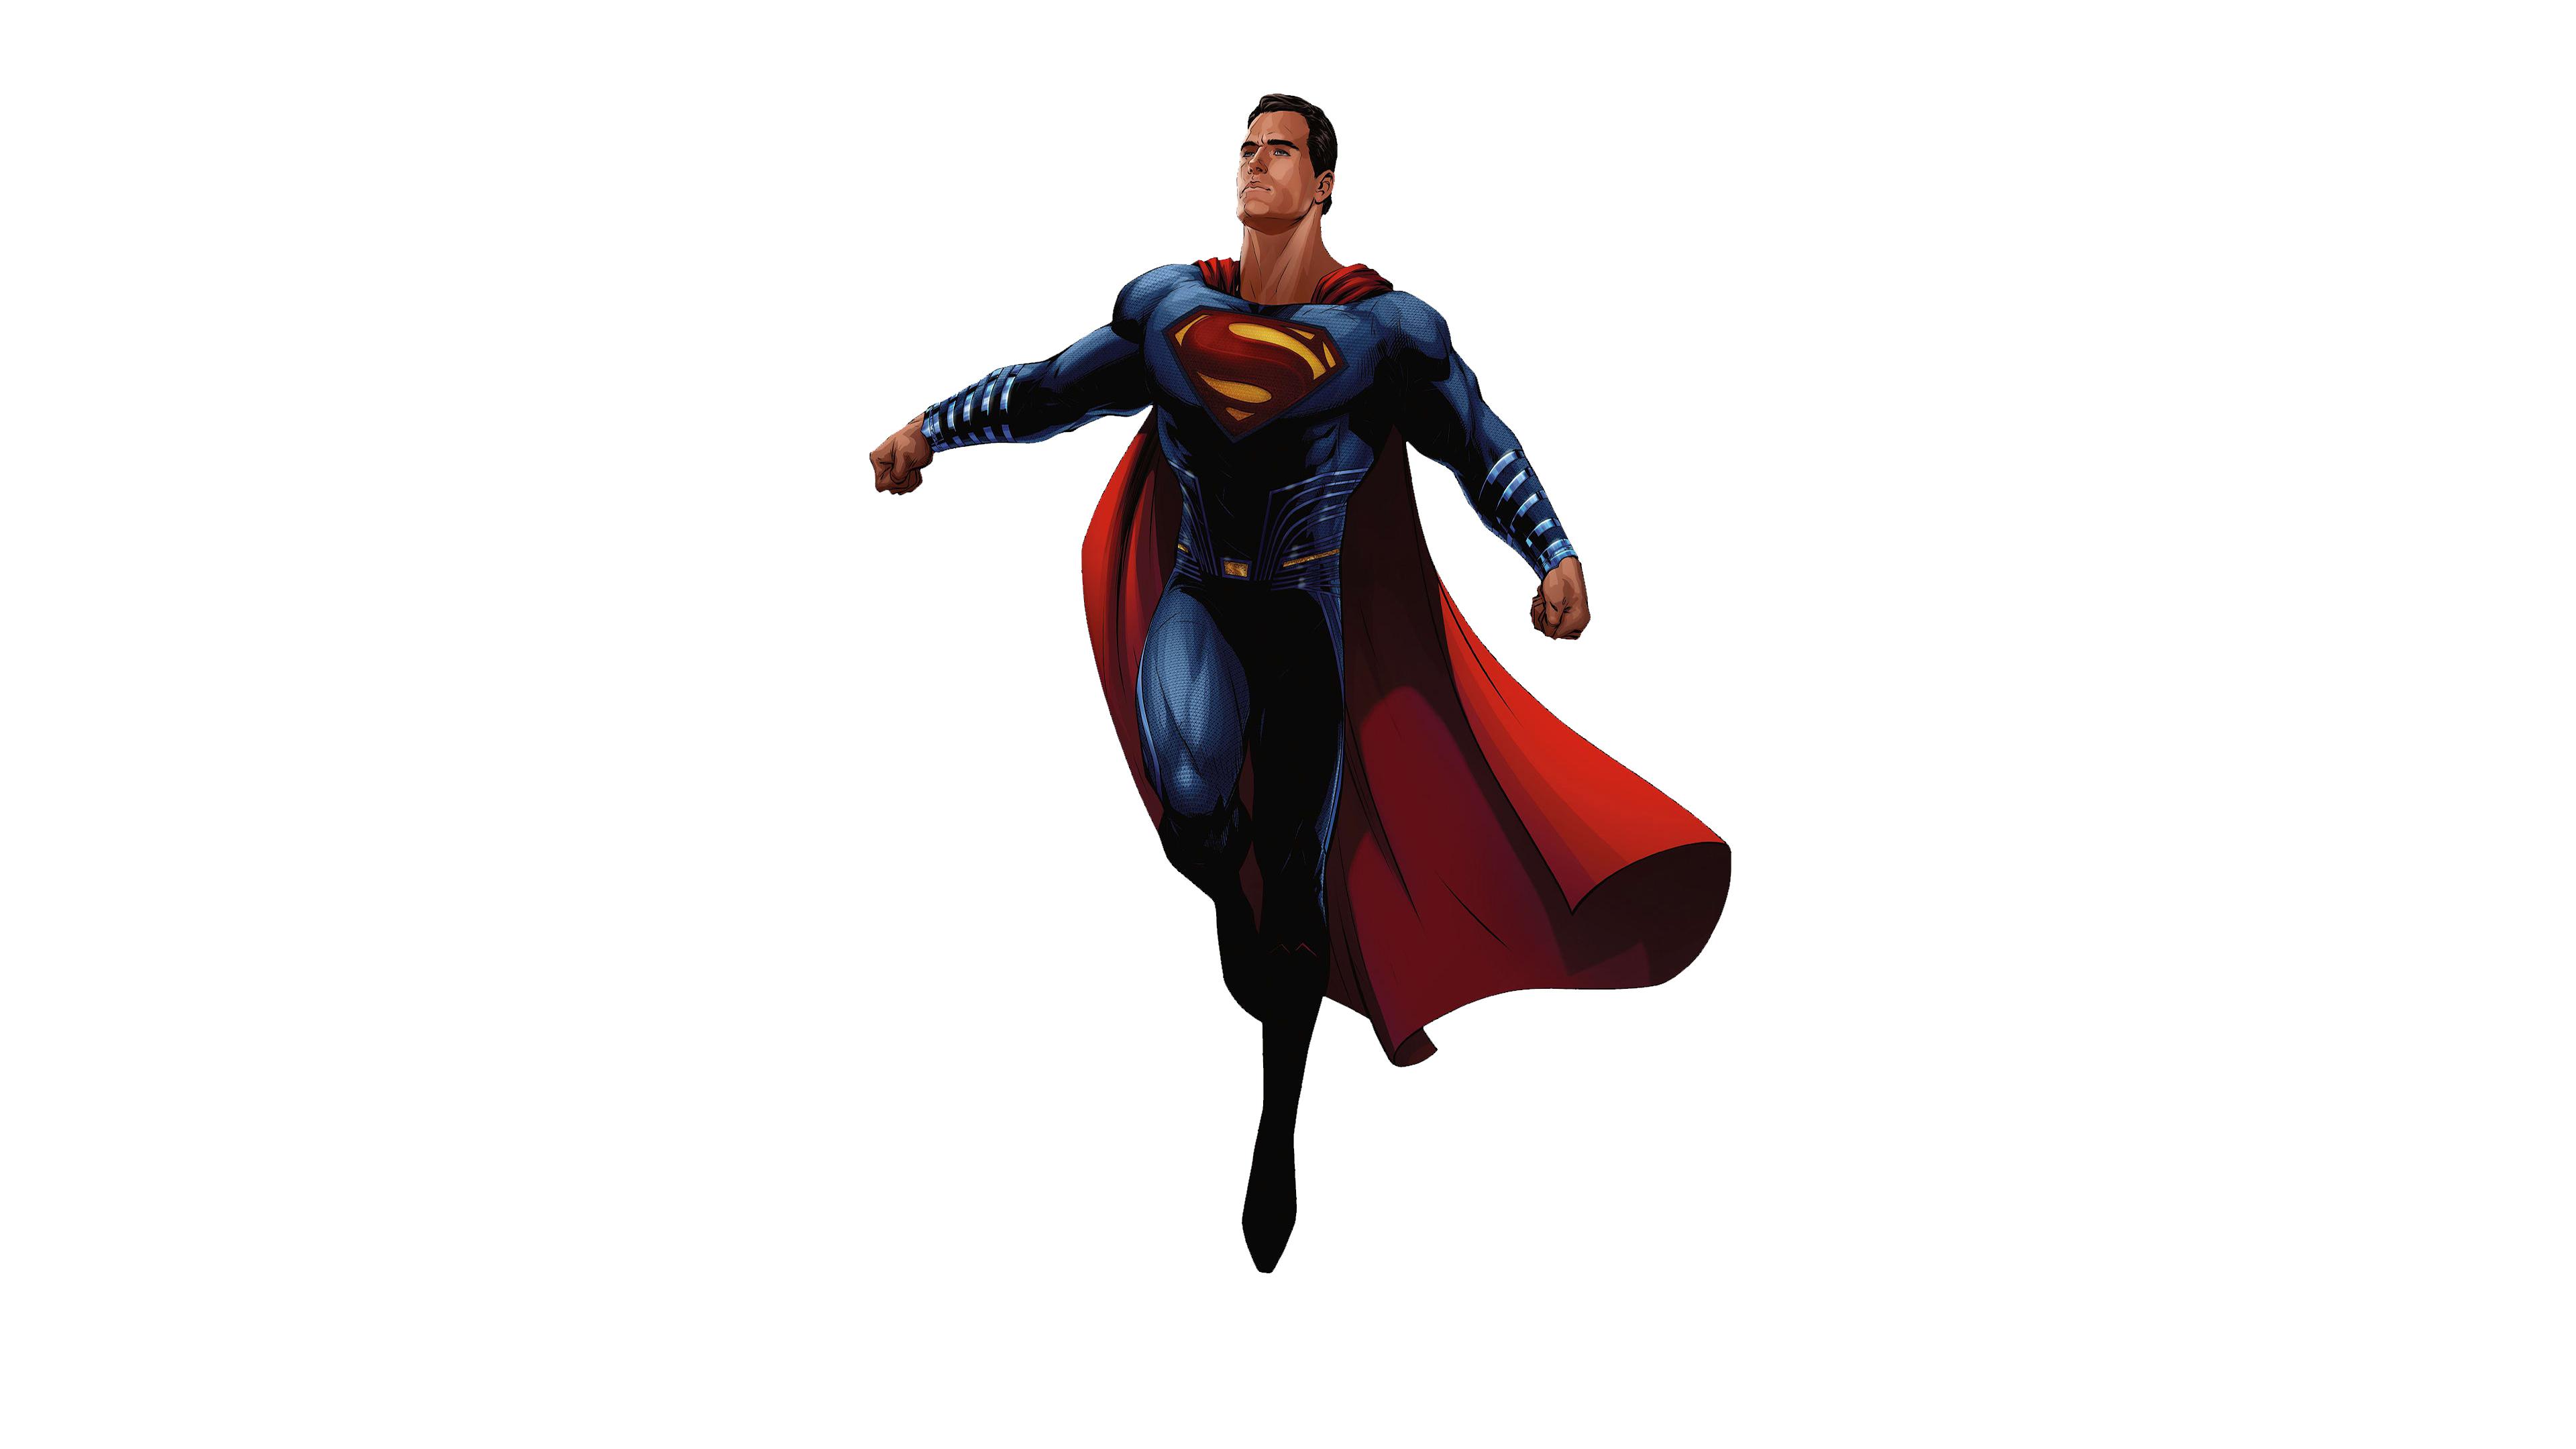 superman dc comic artwork 1536520204 - Superman Dc Comic Artwork - superman wallpapers, superheroes wallpapers, hd-wallpapers, dc comics wallpapers, artwork wallpapers, 4k-wallpapers